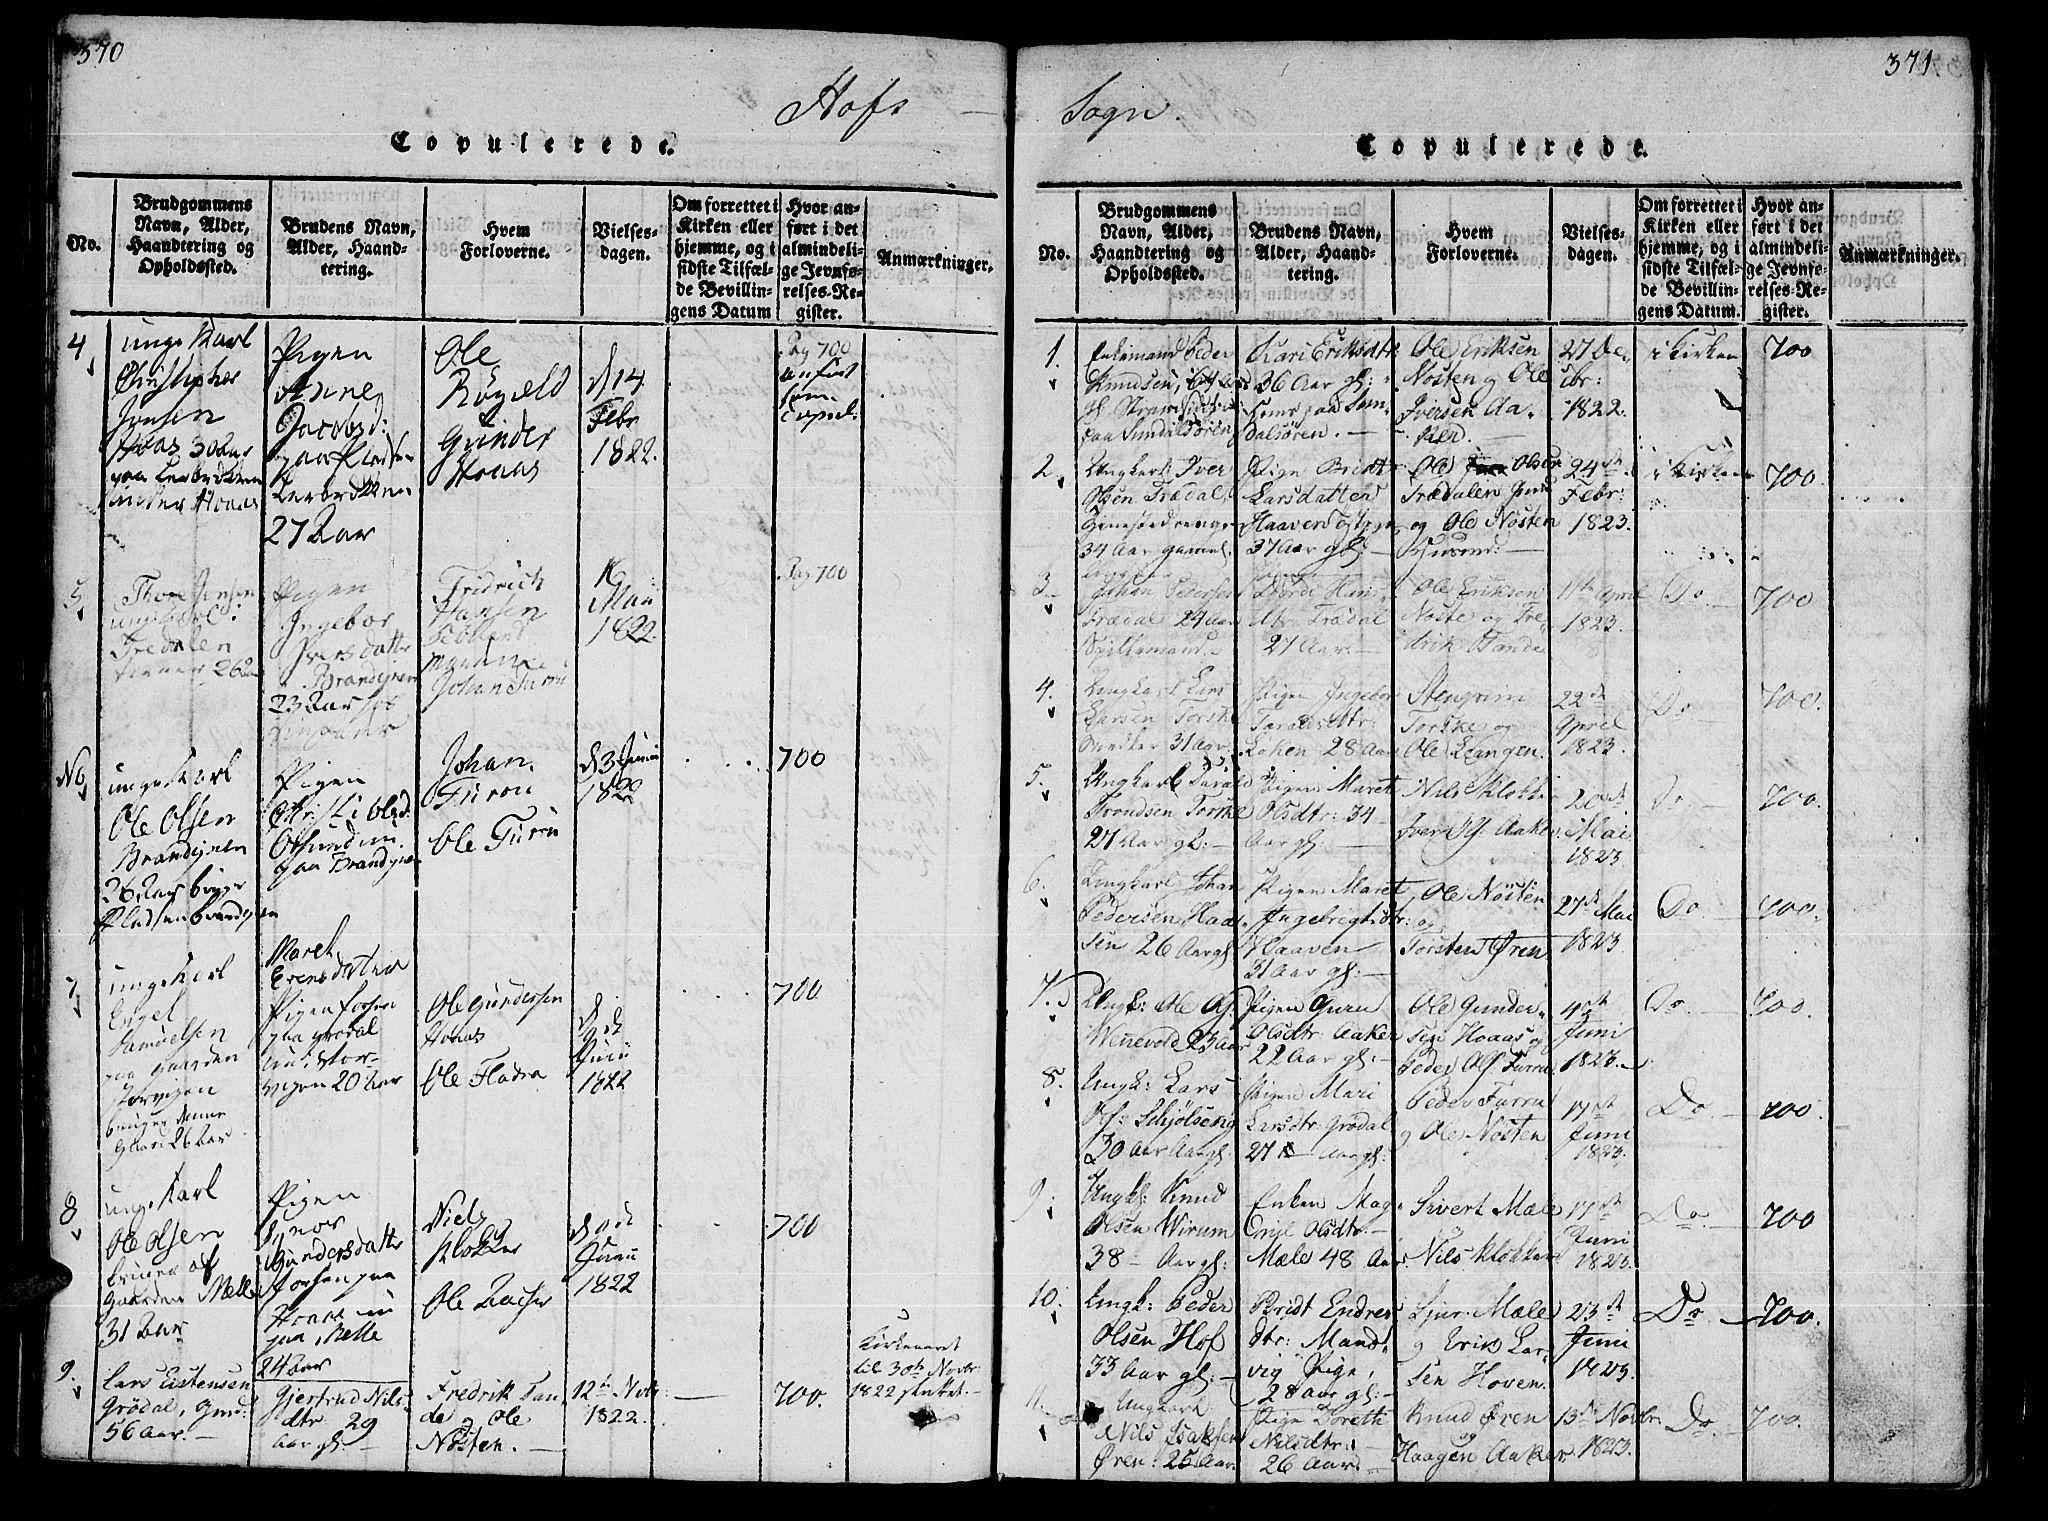 SAT, Ministerialprotokoller, klokkerbøker og fødselsregistre - Møre og Romsdal, 590/L1009: Ministerialbok nr. 590A03 /1, 1819-1832, s. 370-371